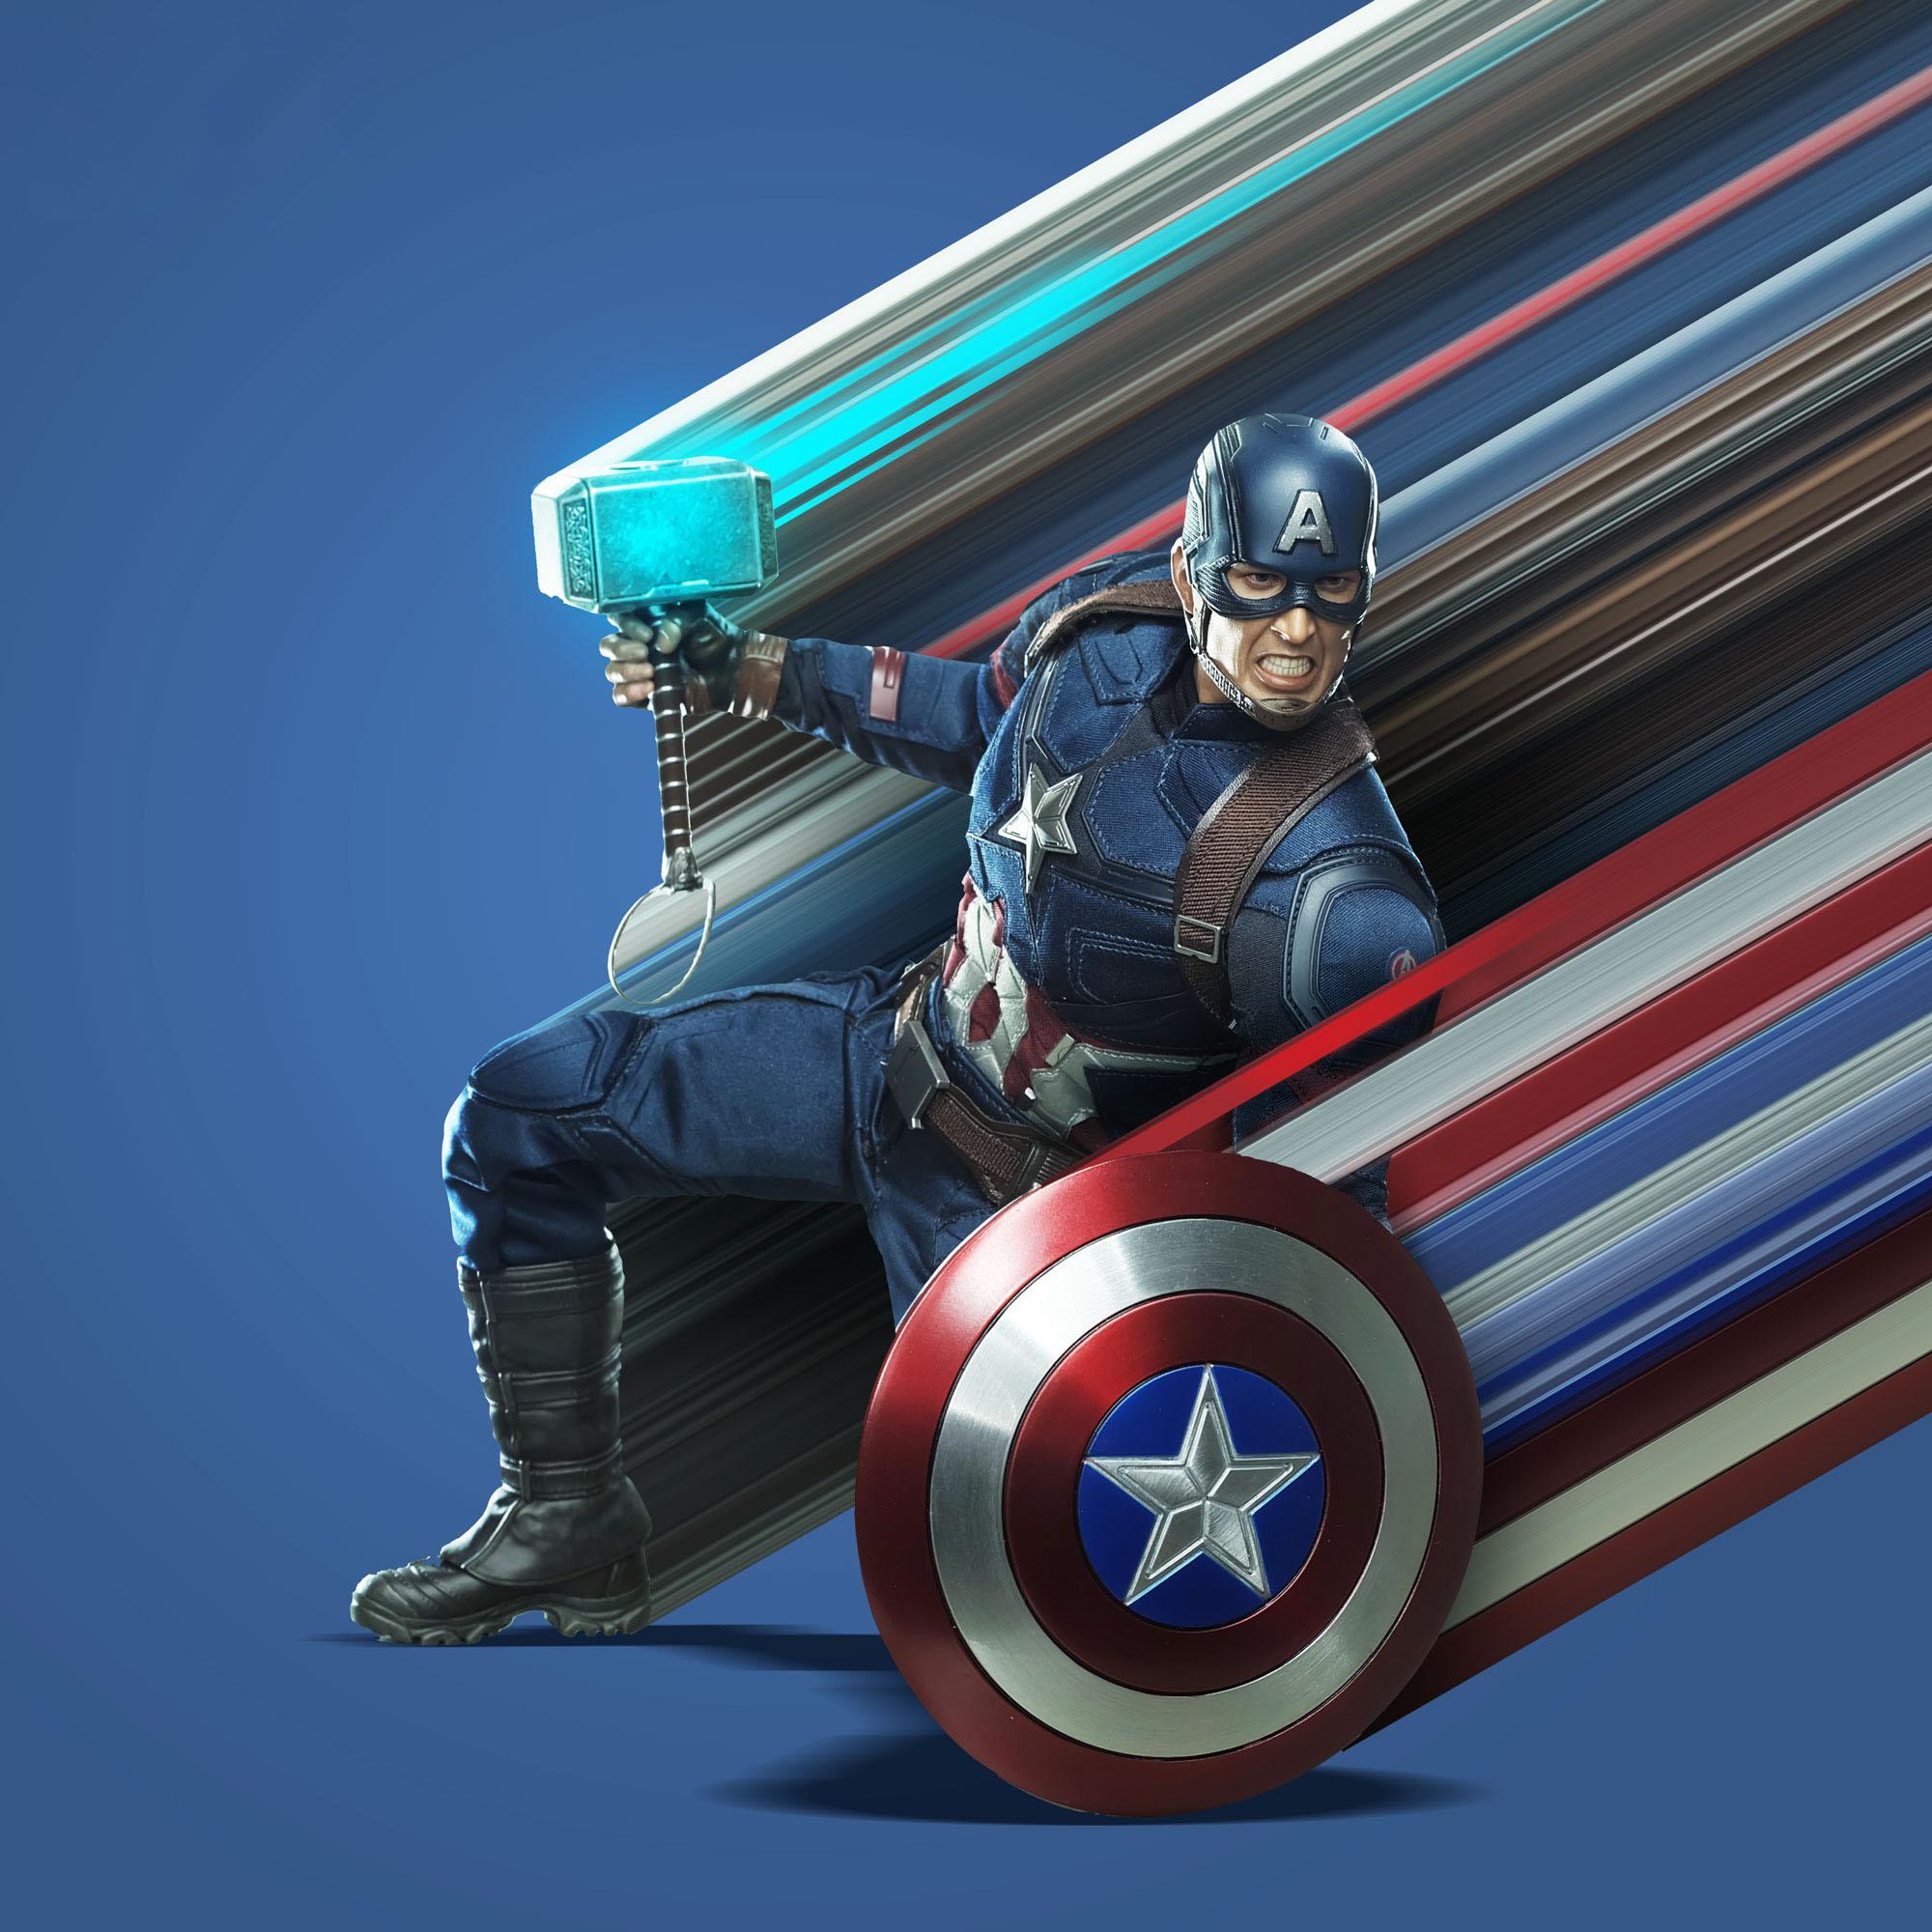 Captain America Avengers Endgame Art Wallpaper, HD Artist